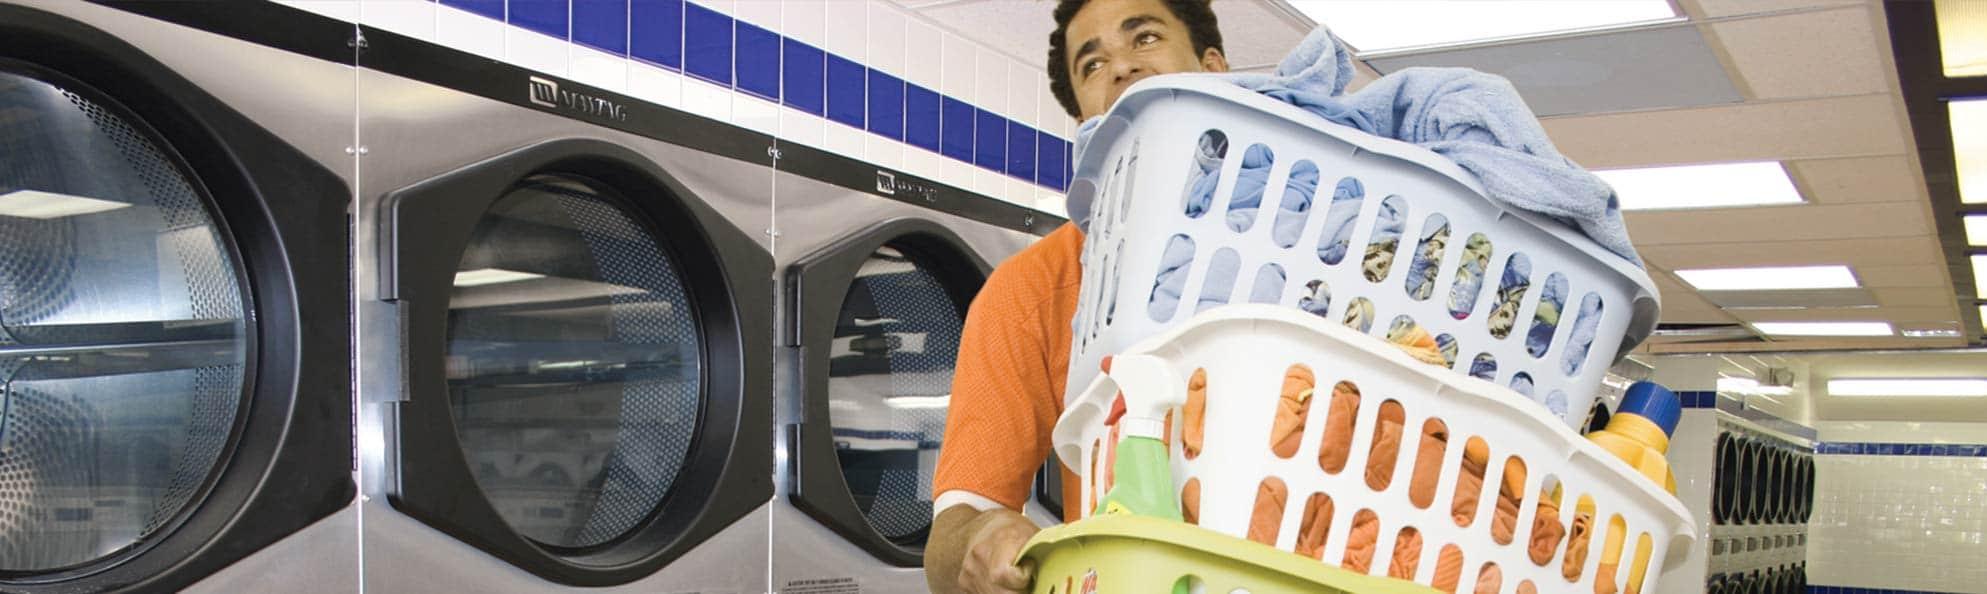 Πόσο συχνά πλένουμε τα ρούχα μας;